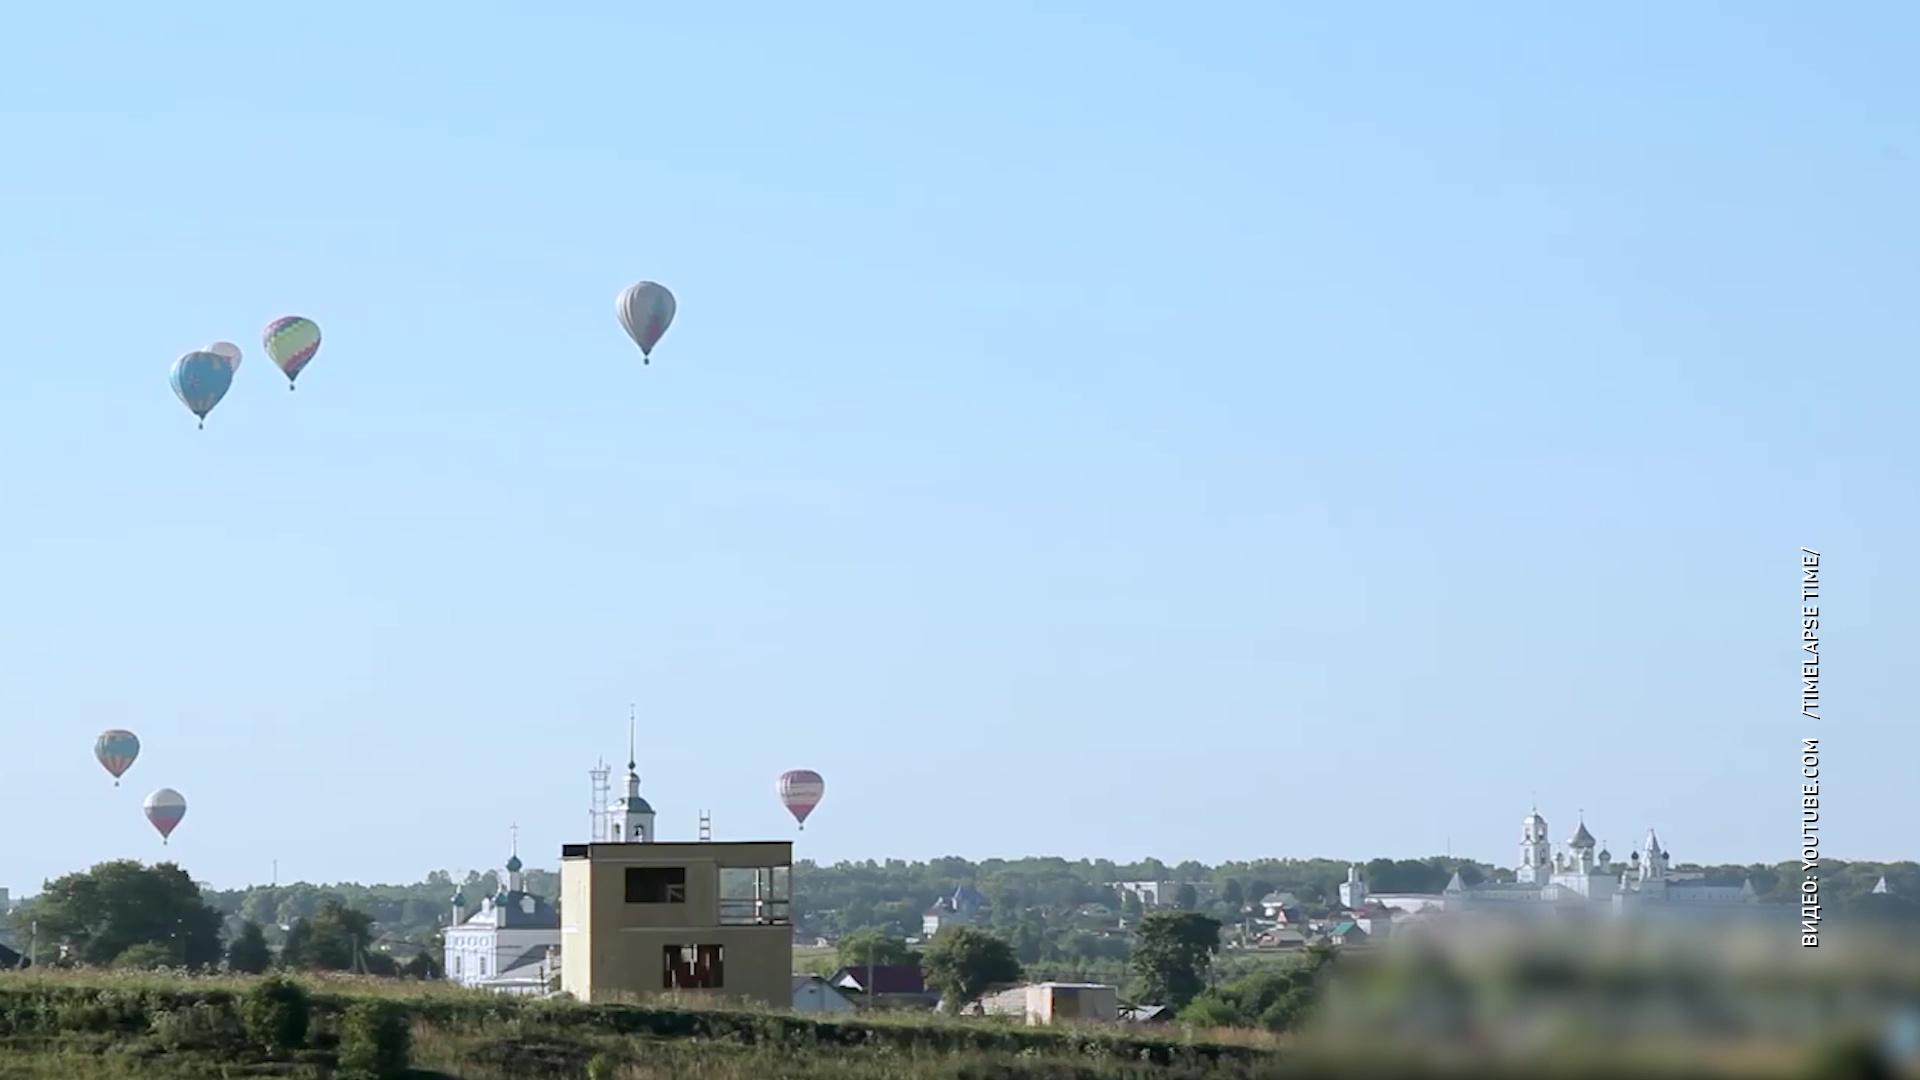 В Ярославской области пройдет 19-й фестиваль воздухоплавания